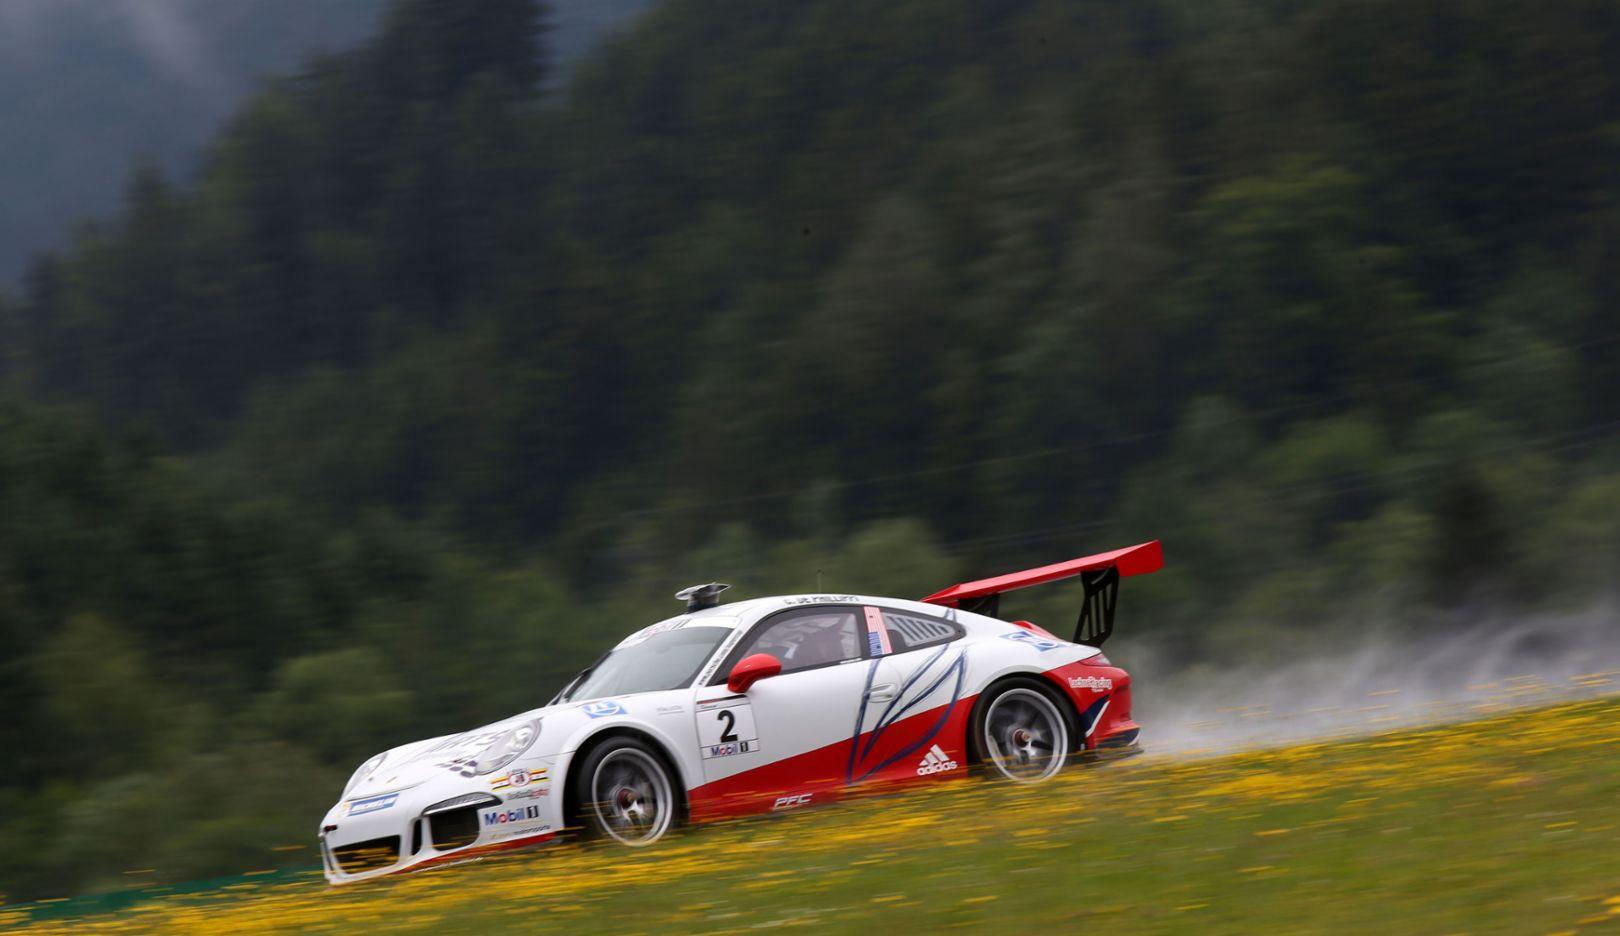 Connor de Phillippi (USA), 911 GT3 Cup, Porsche Mobil 1 Supercup, Spielberg 2015, Porsche AG